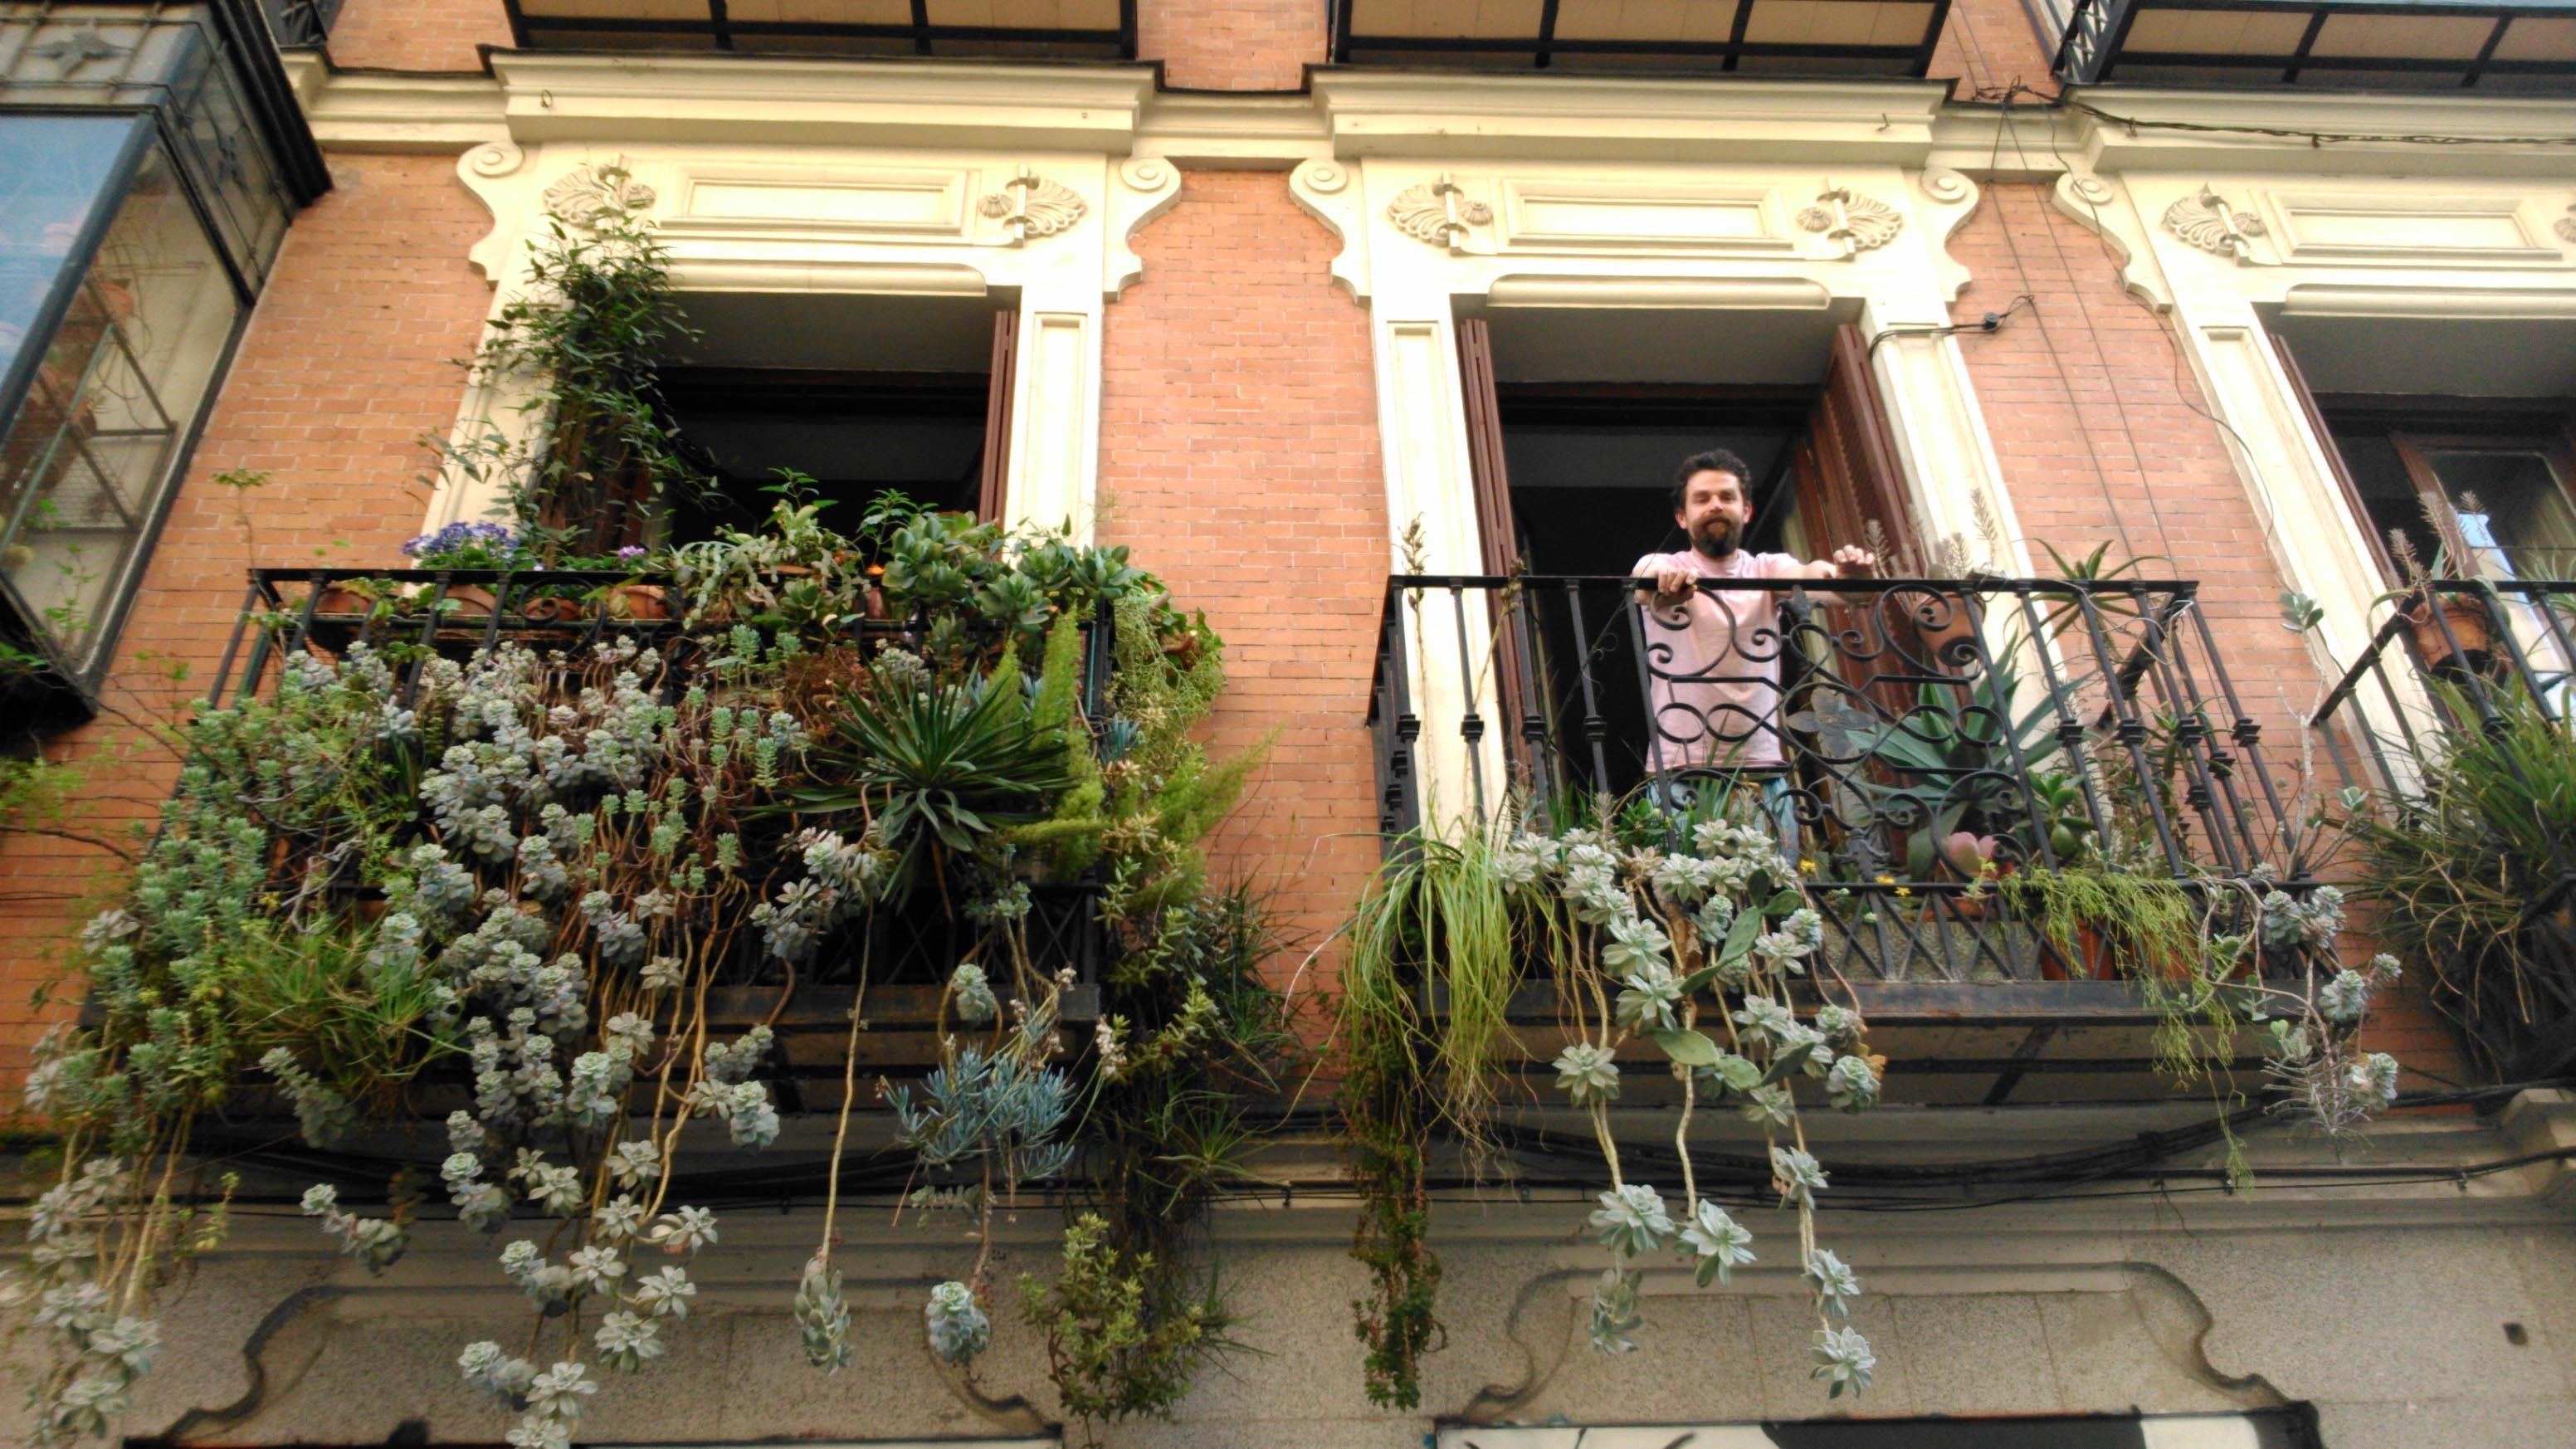 Los jardines colgantes de dean rebrota malasa a for Jardines verticales en balcones